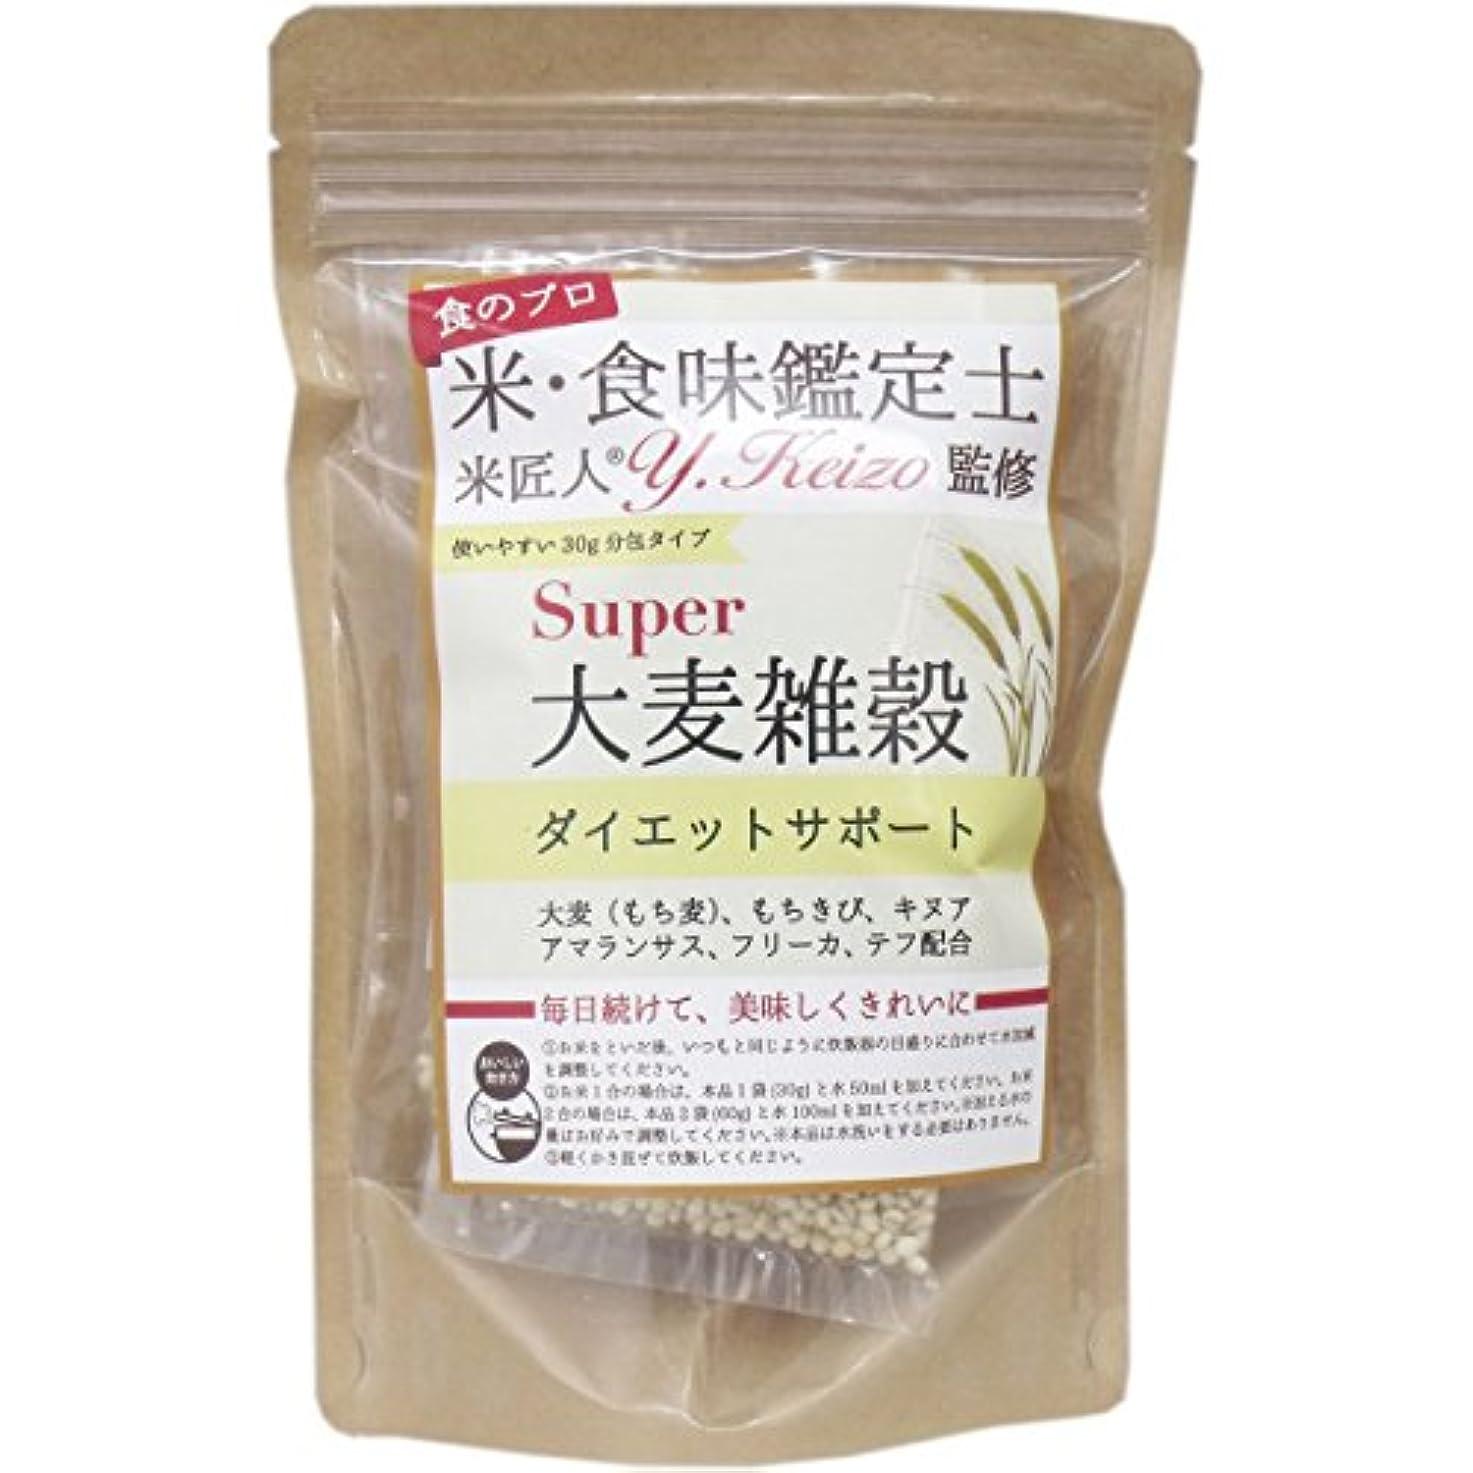 謝罪する副詞快いスーパー大麦雑穀ダイエットサポート 30g×6包入×5点